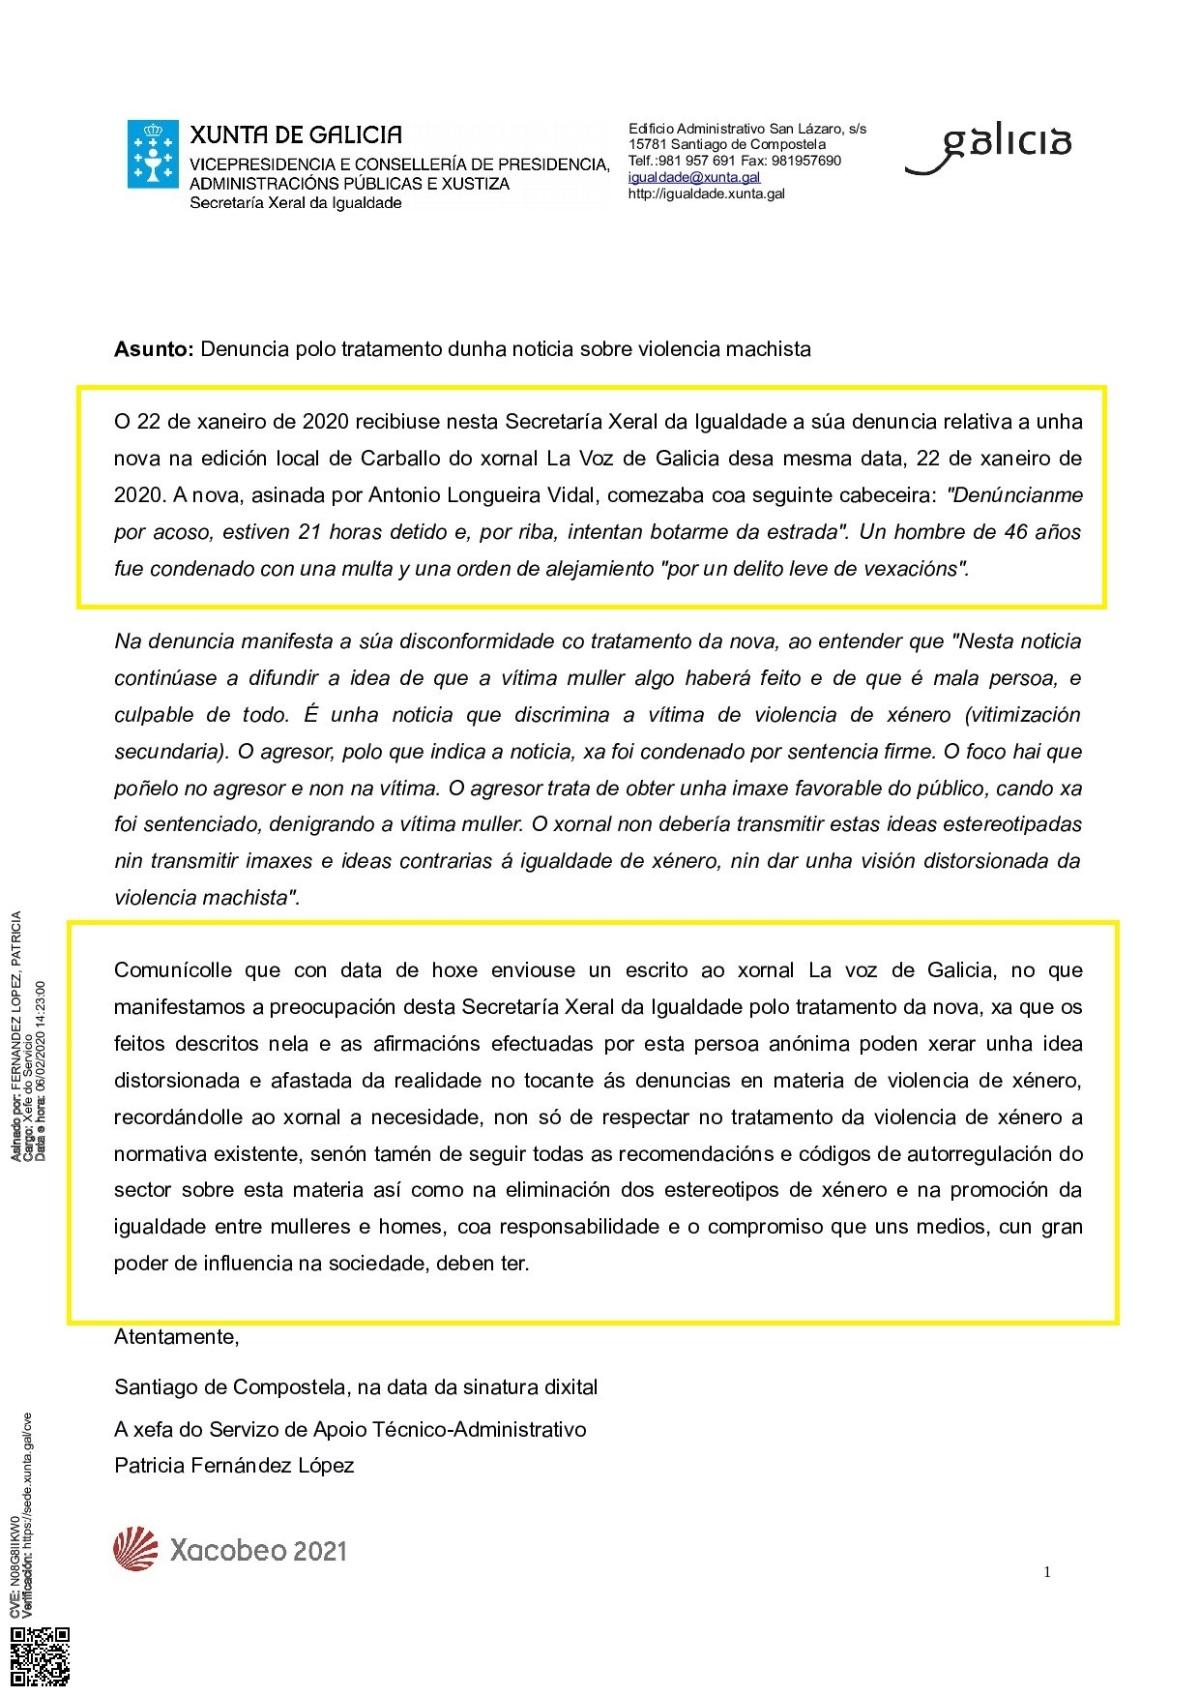 Tratamento información Voz Galicia